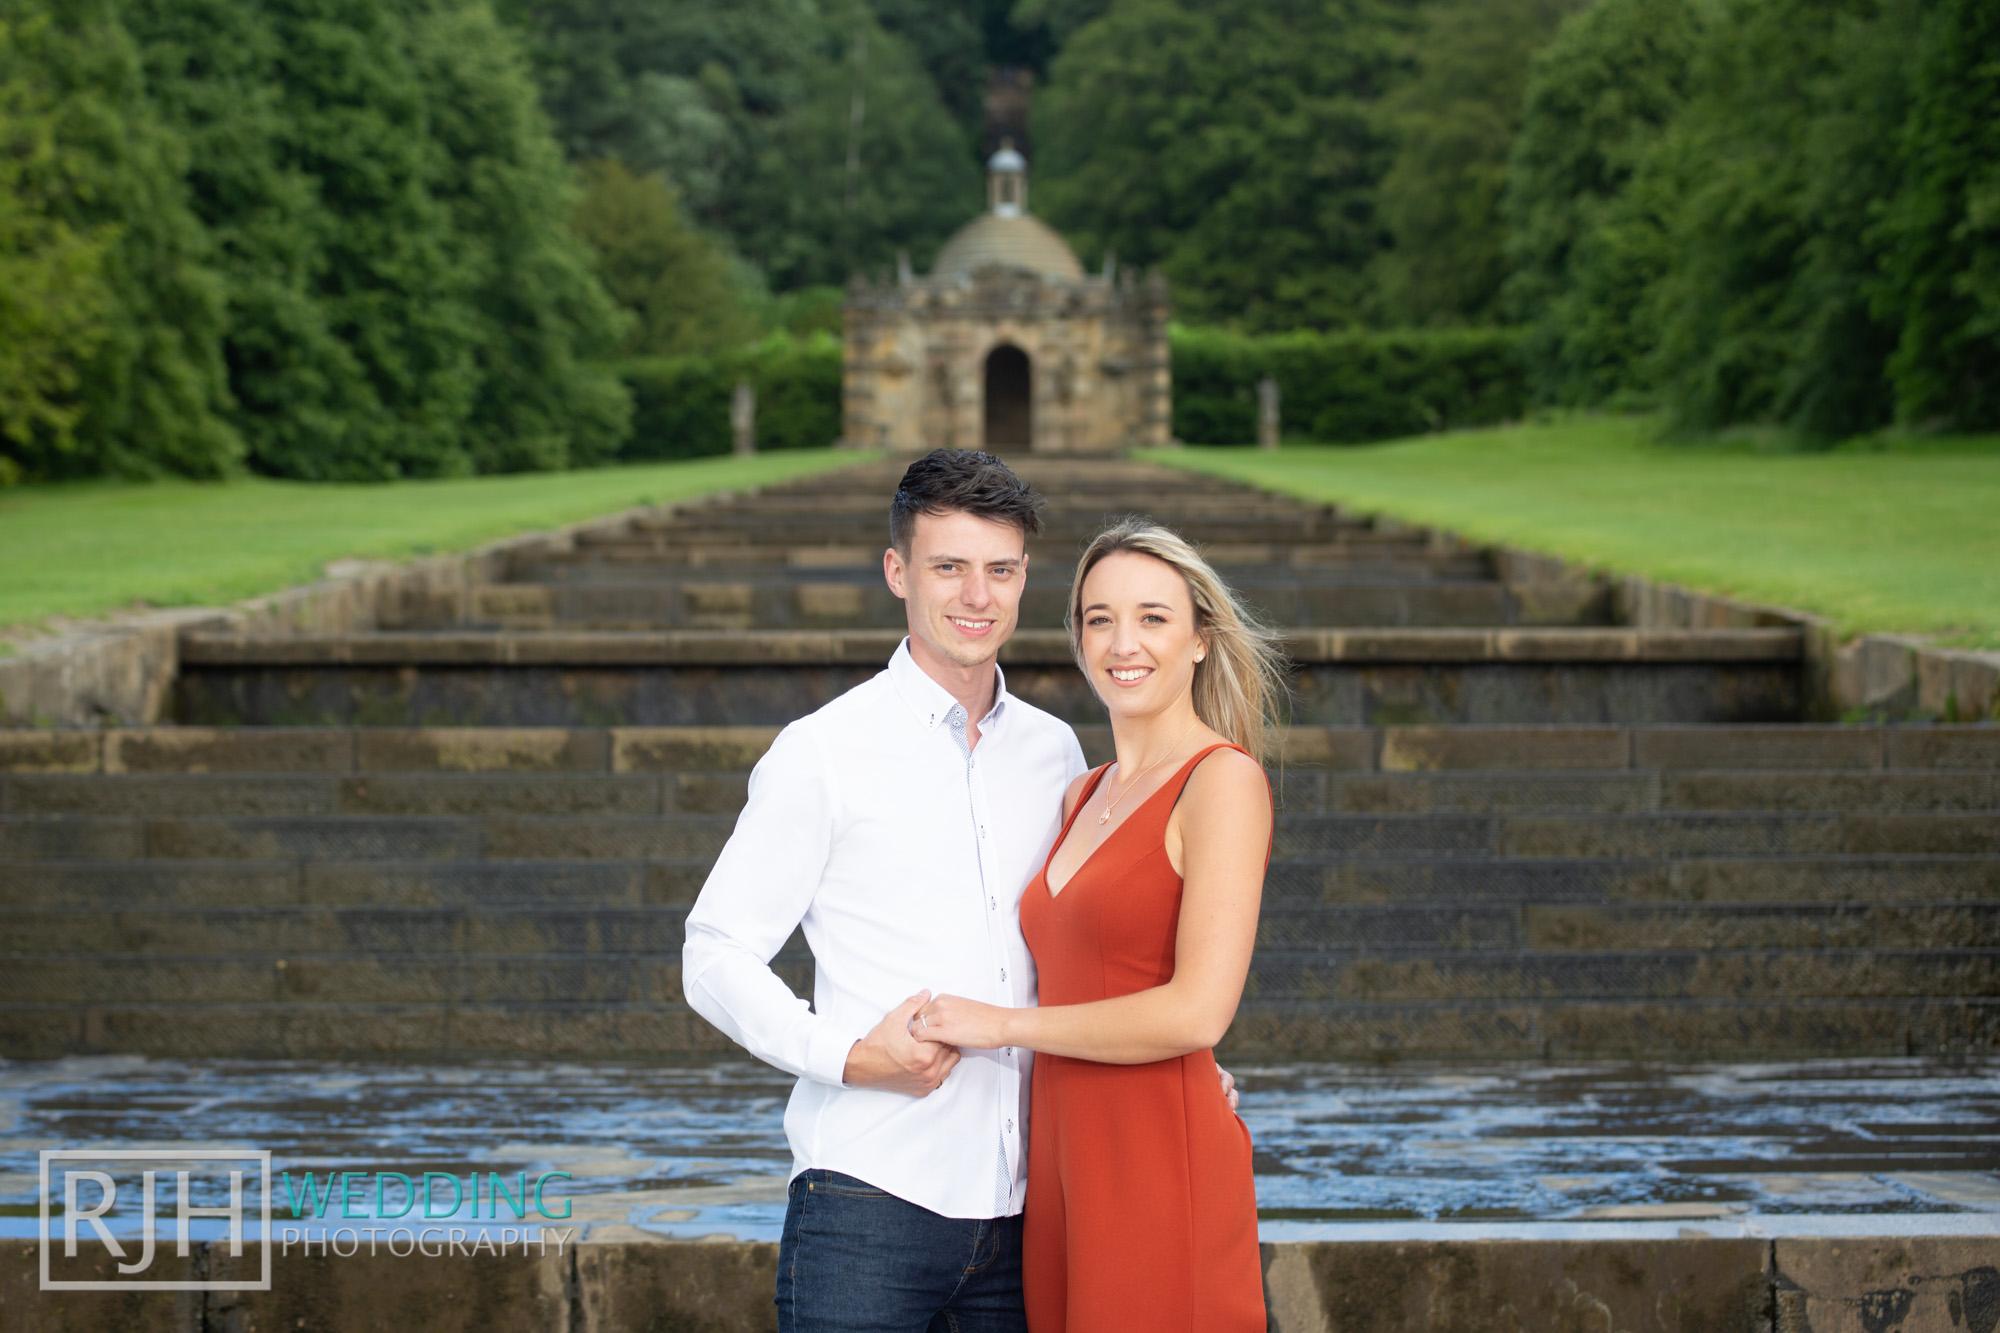 Chatsworth House Wedding Photographer_Glen & Lauren_033_RJH10354.jpg